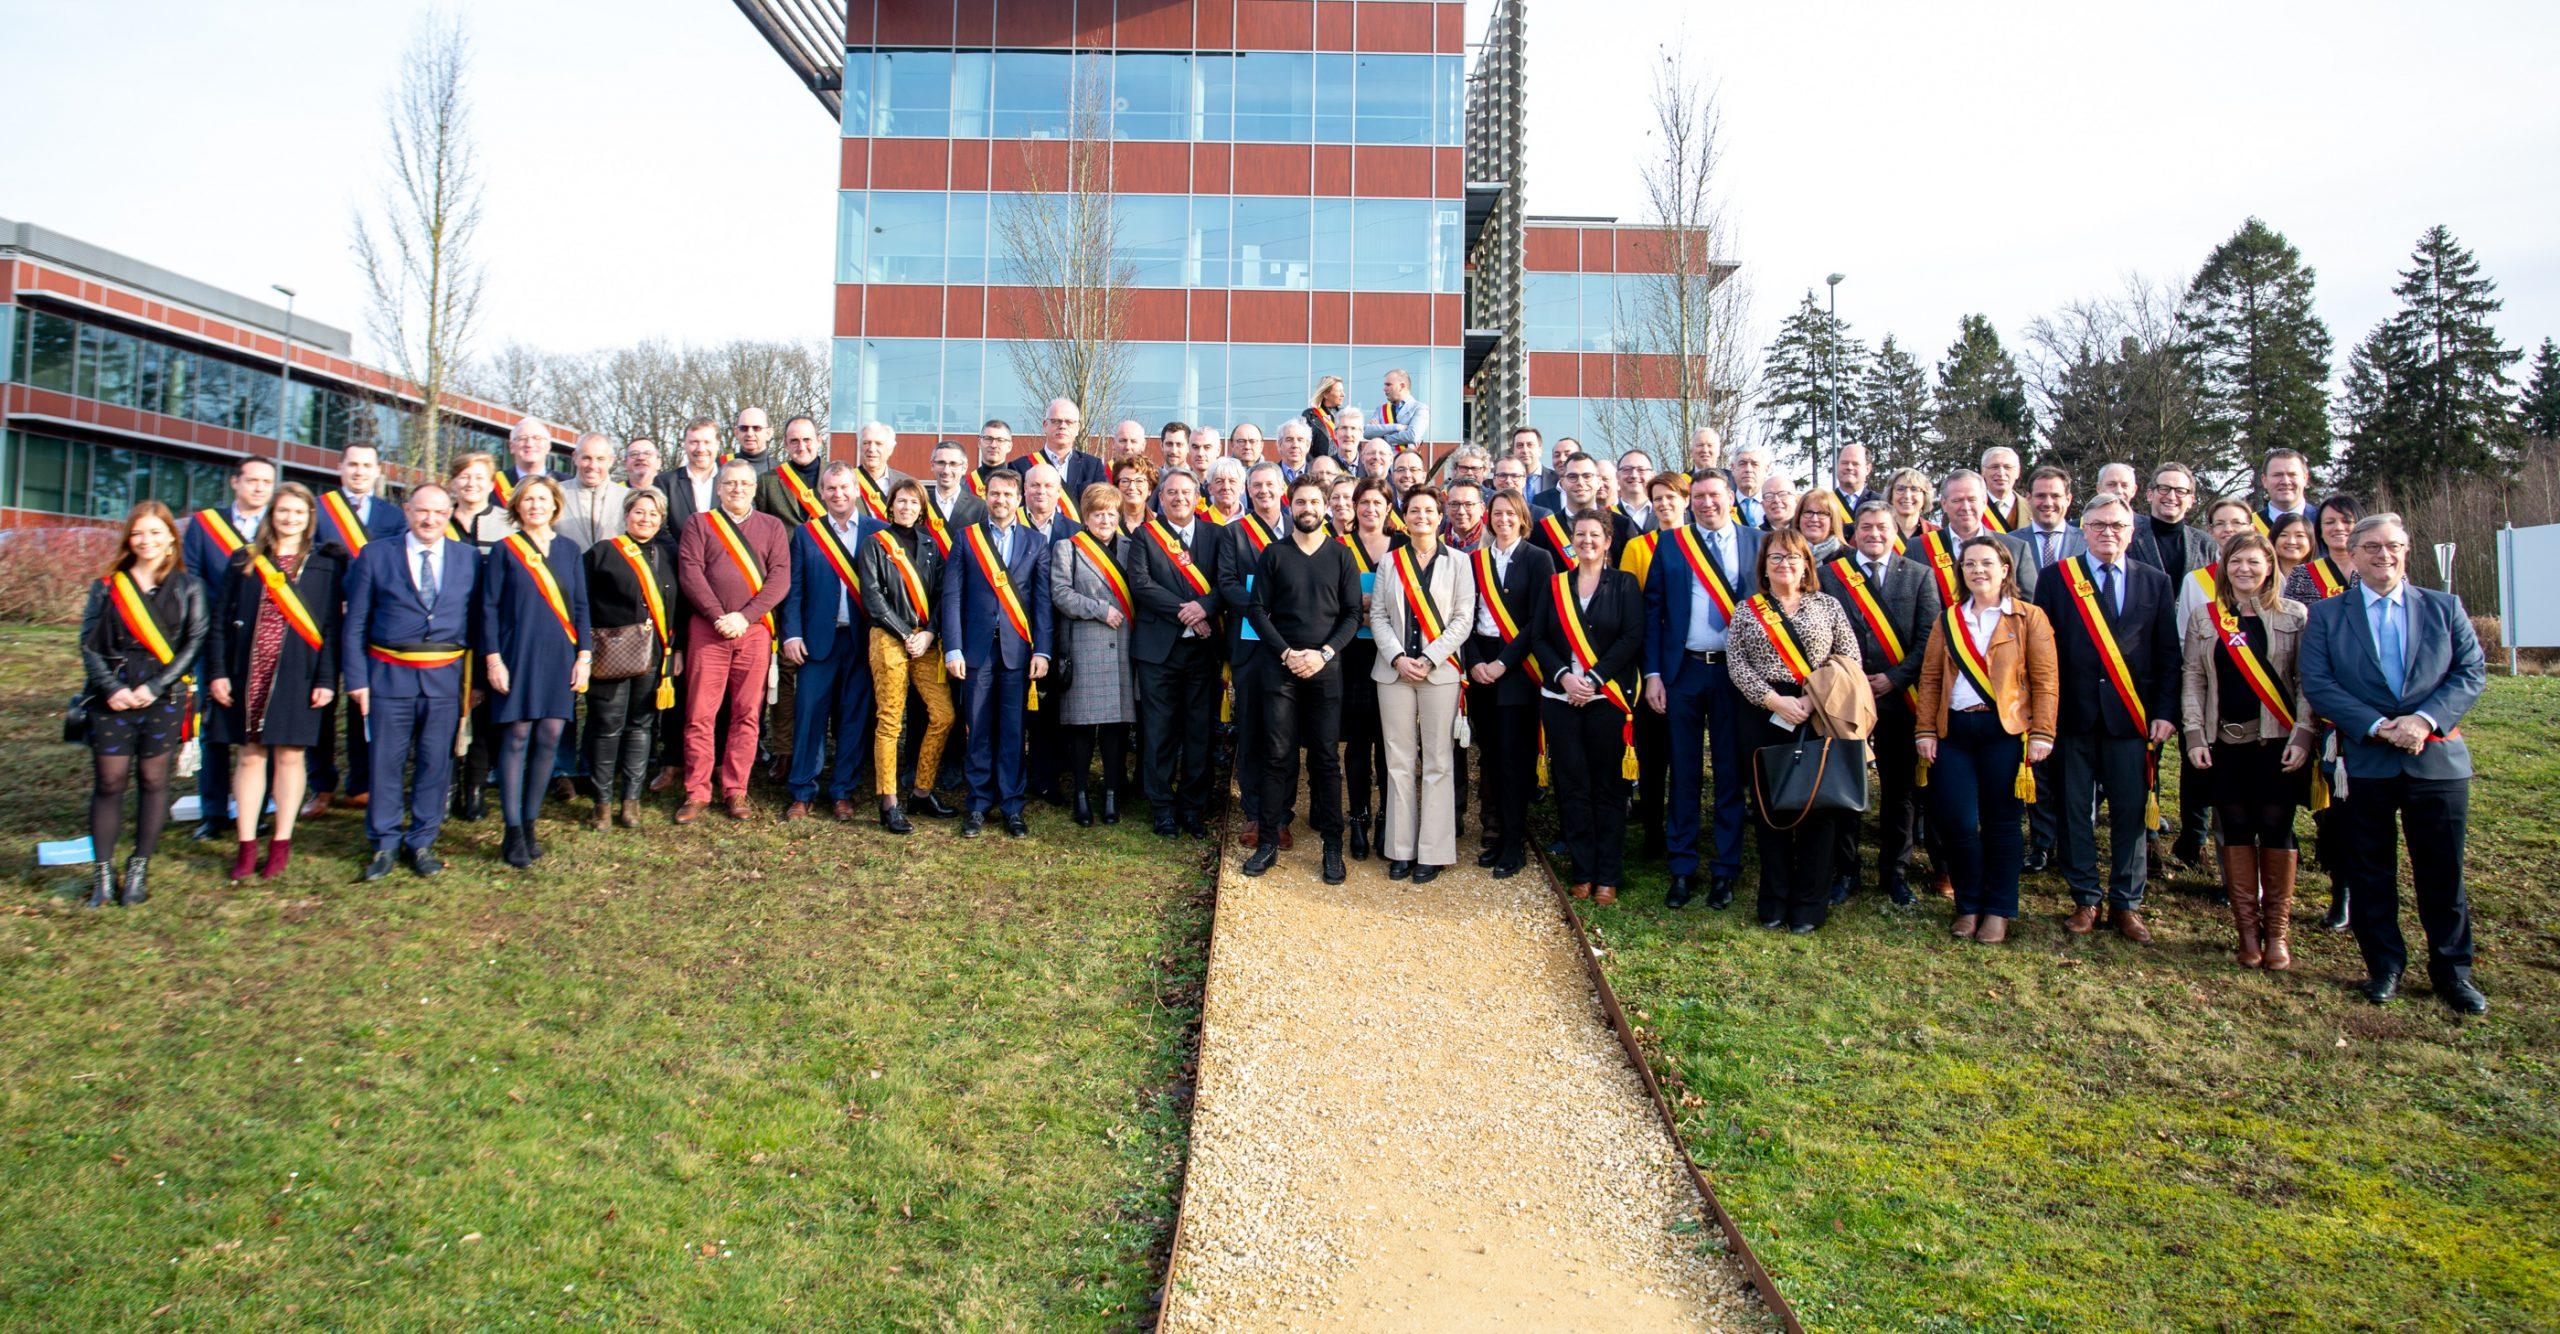 Georges-Louis Bouchez réunit les bourgmestres MR